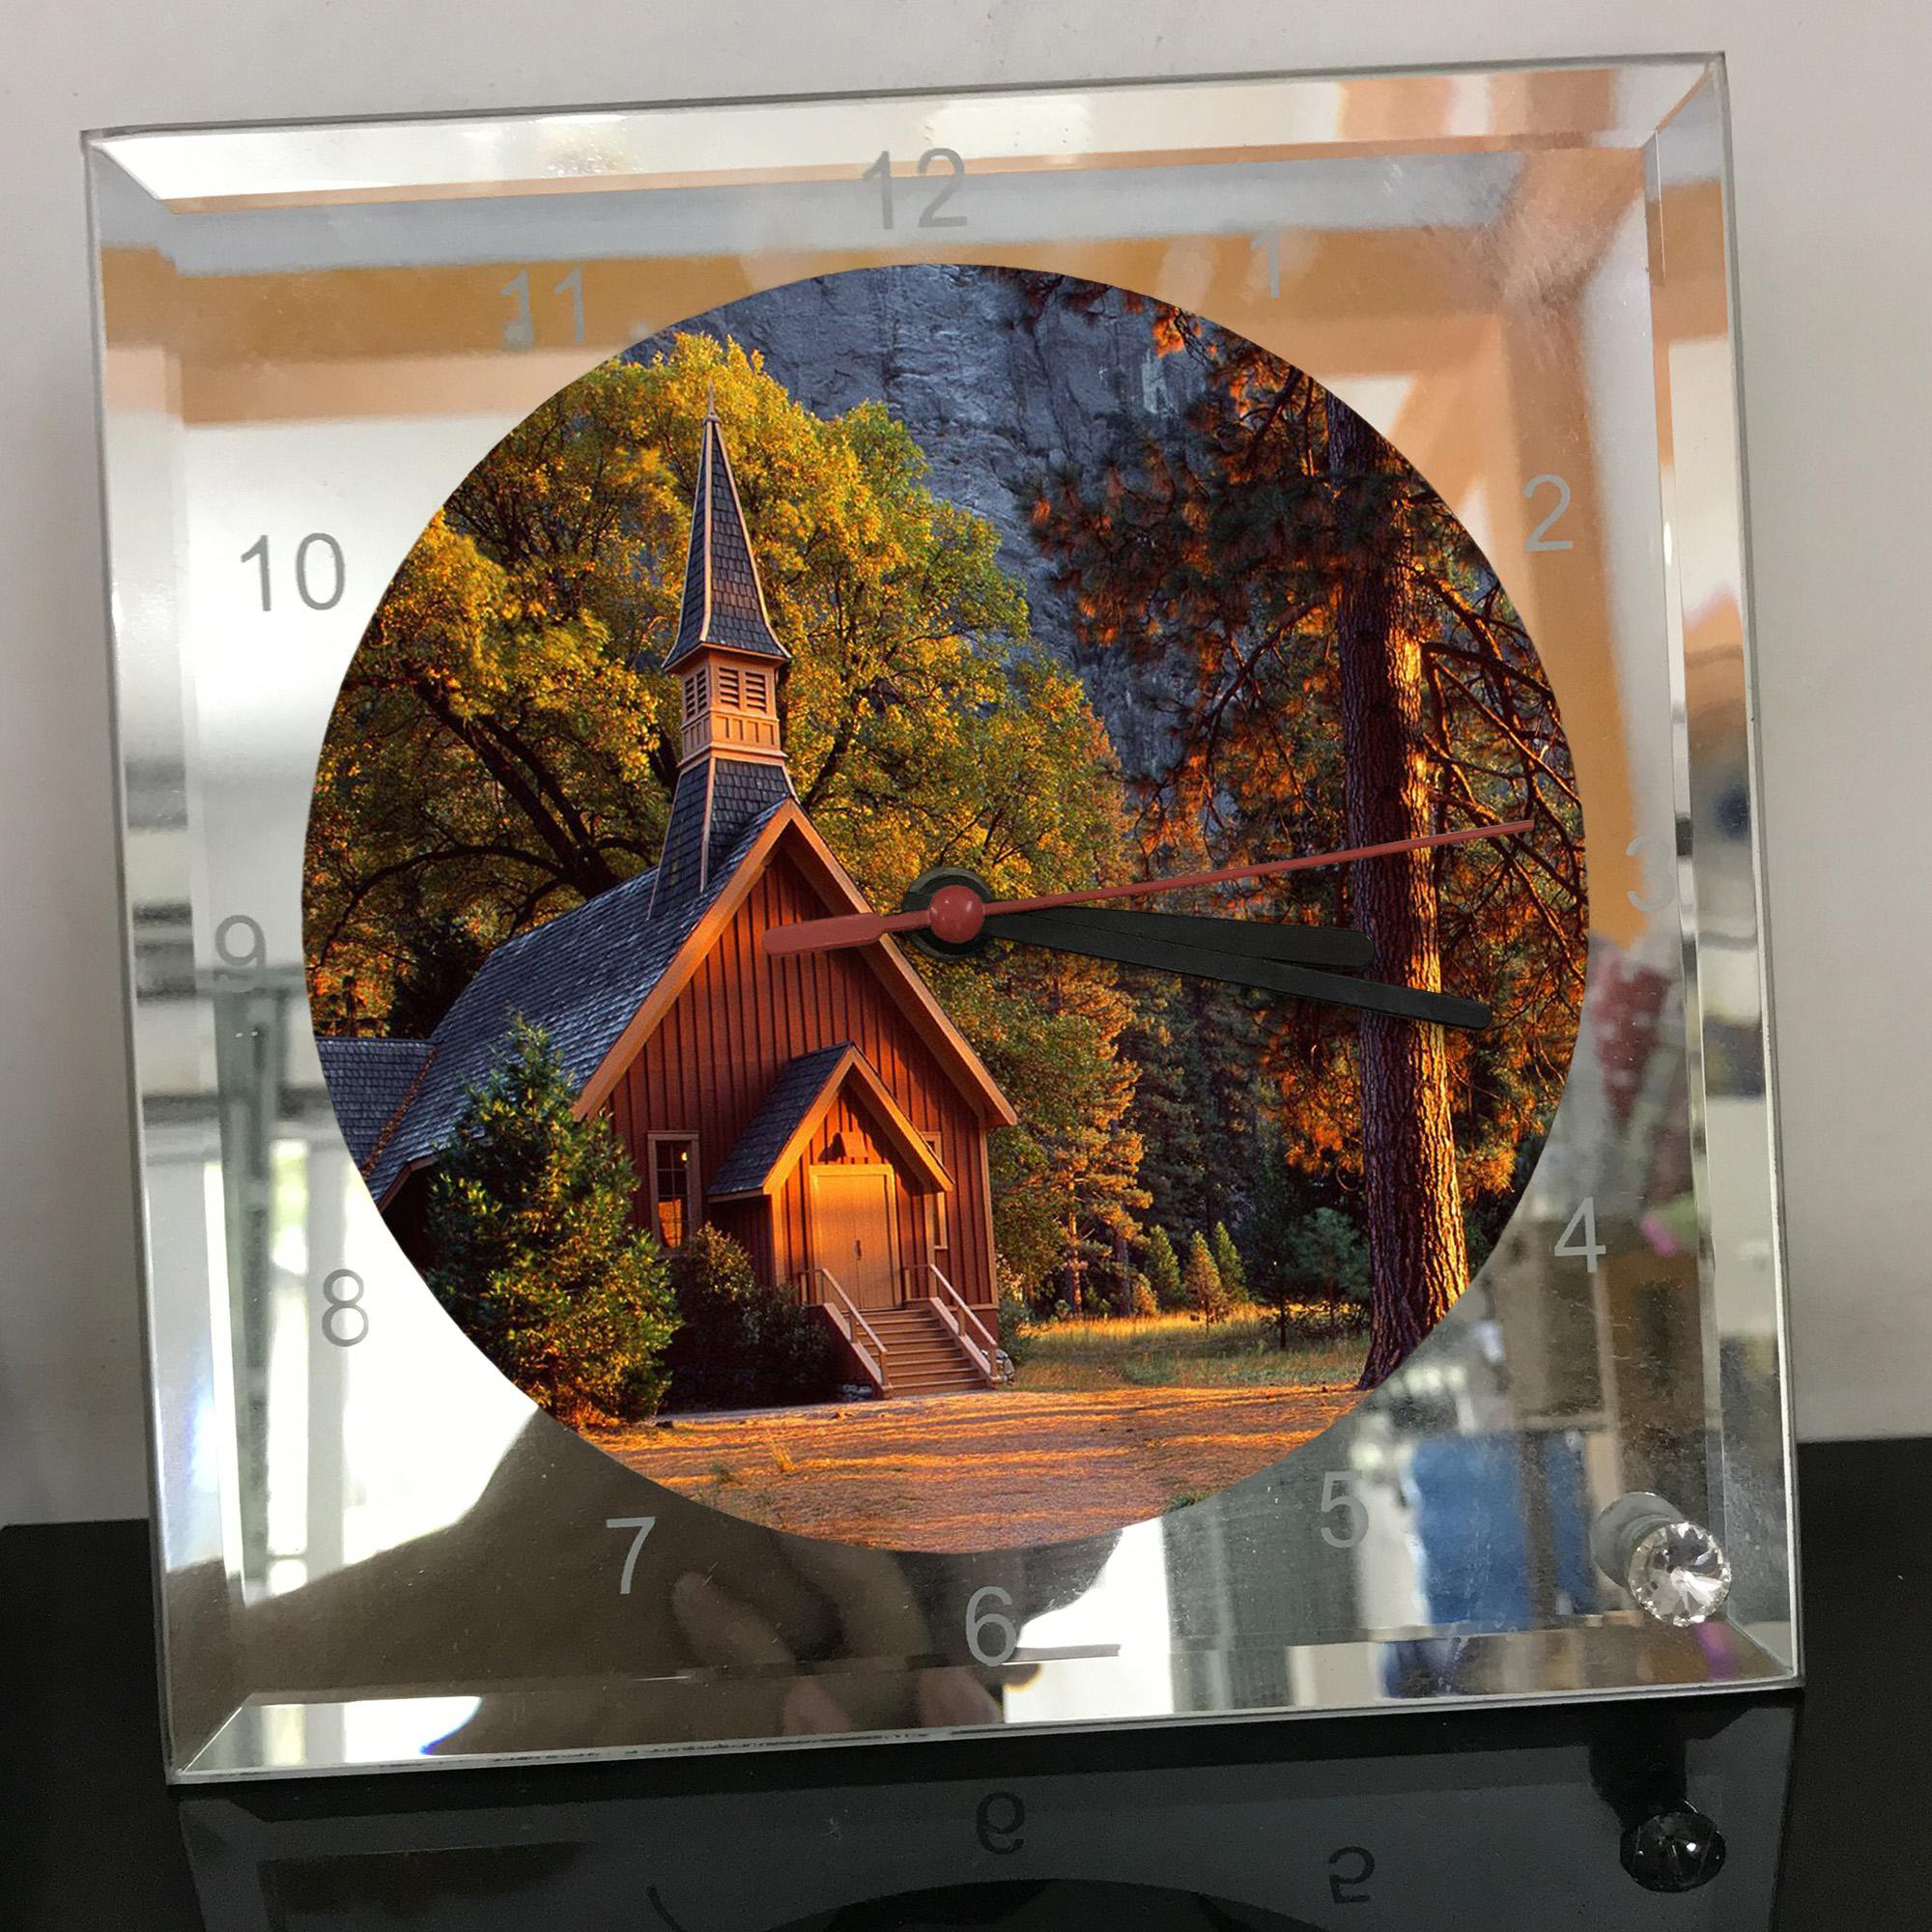 Đồng hồ thủy tinh vuông 20x20 in hình Church - nhà thờ (125) . Đồng hồ thủy tinh để bàn trang trí đẹp chủ đề tôn giáo